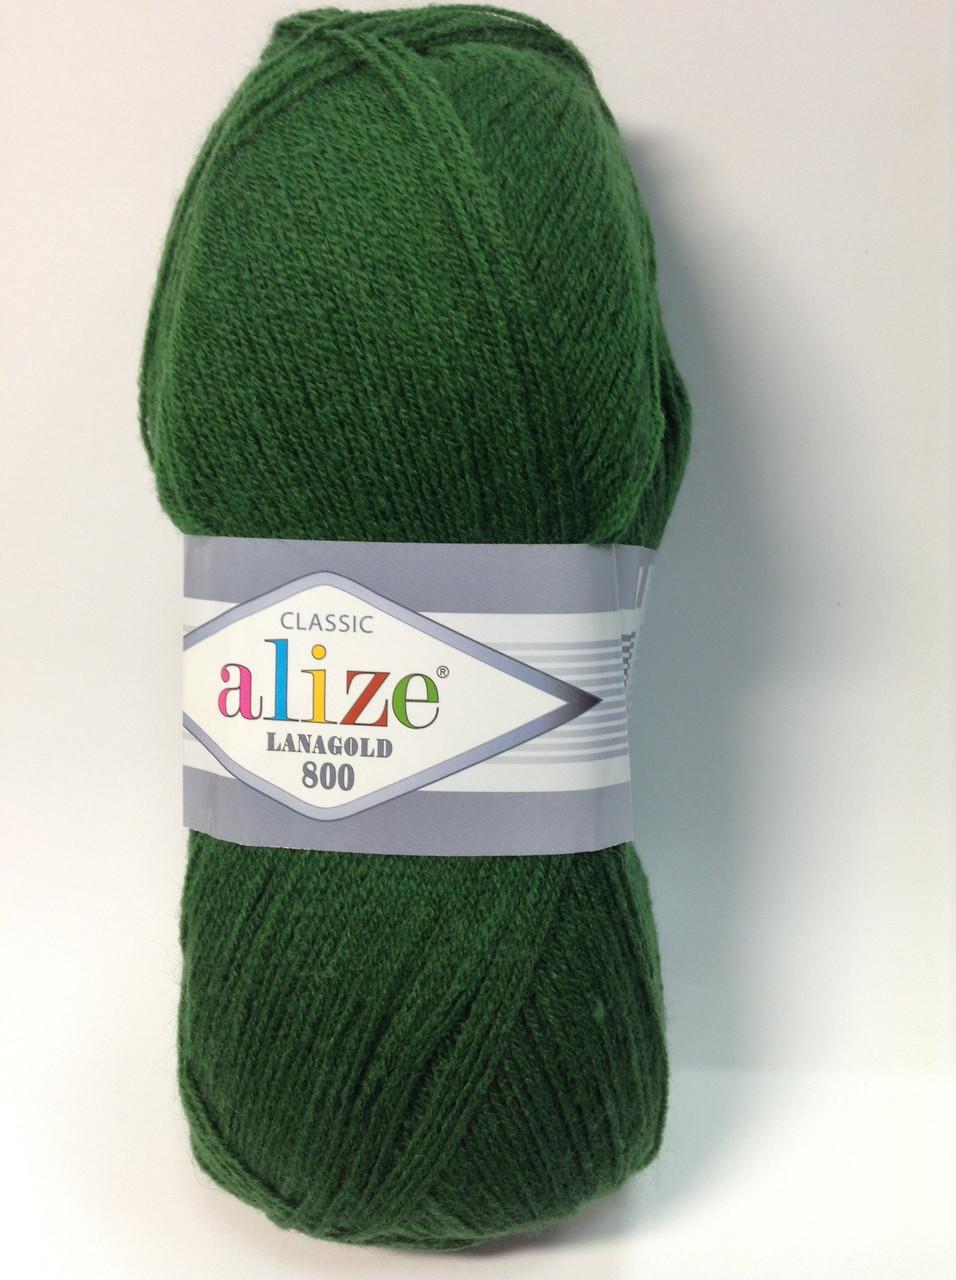 Пряжа lana gold 800 - цвет зеленый